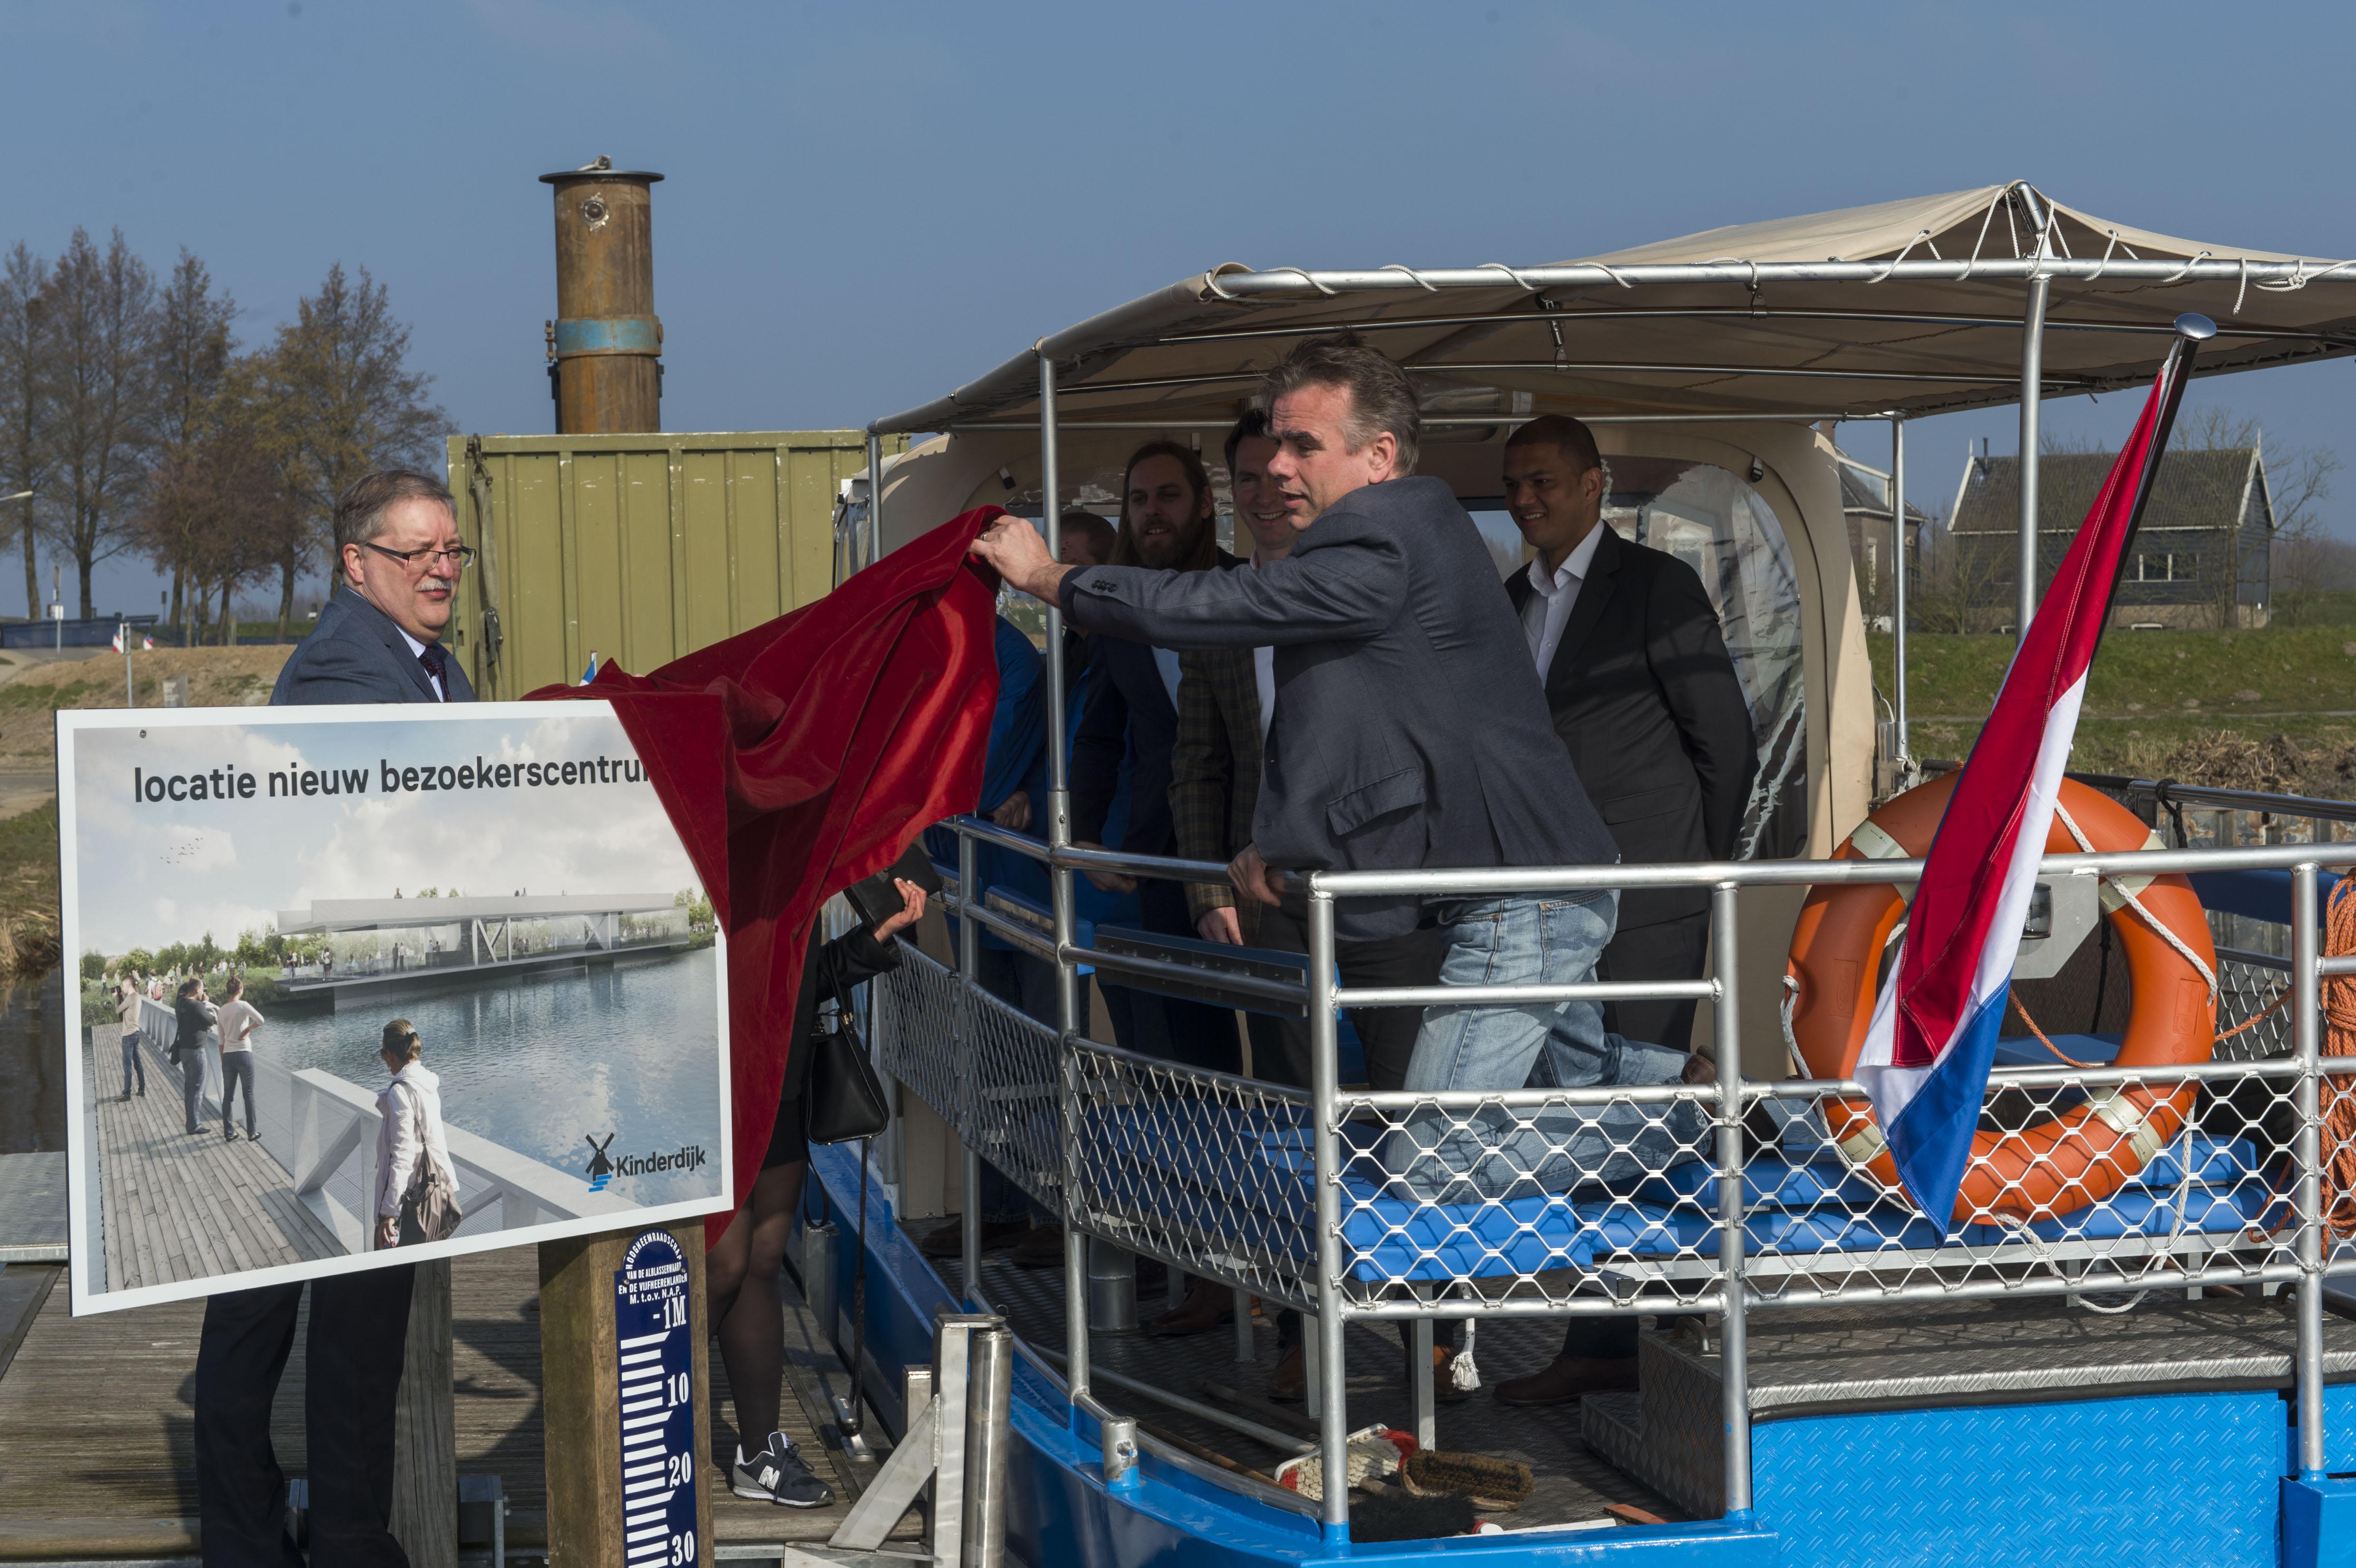 Cees van der Vlist, Dorus Meurs, Eric Luiten en Michael Daane Bolier plaatsen het bord voor de bouw van het bezoekerscentrum Kinderdijk